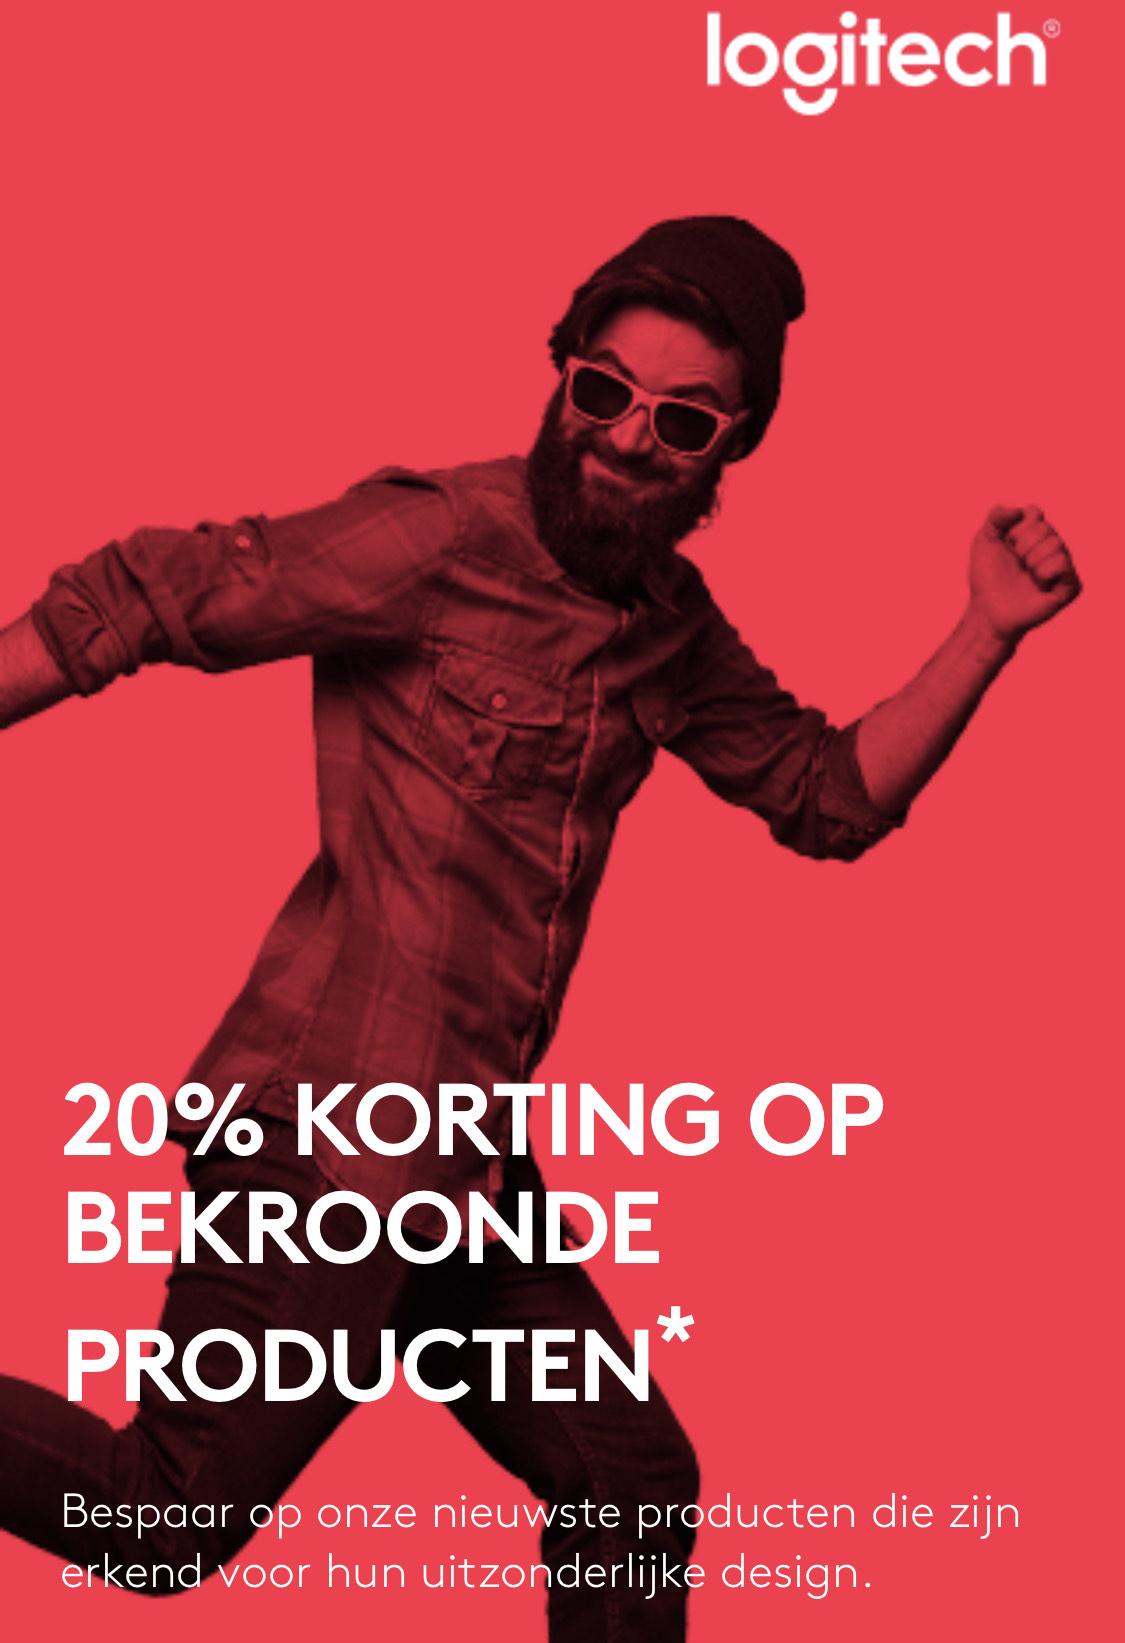 20% korting op geselecteerde Logitech producten